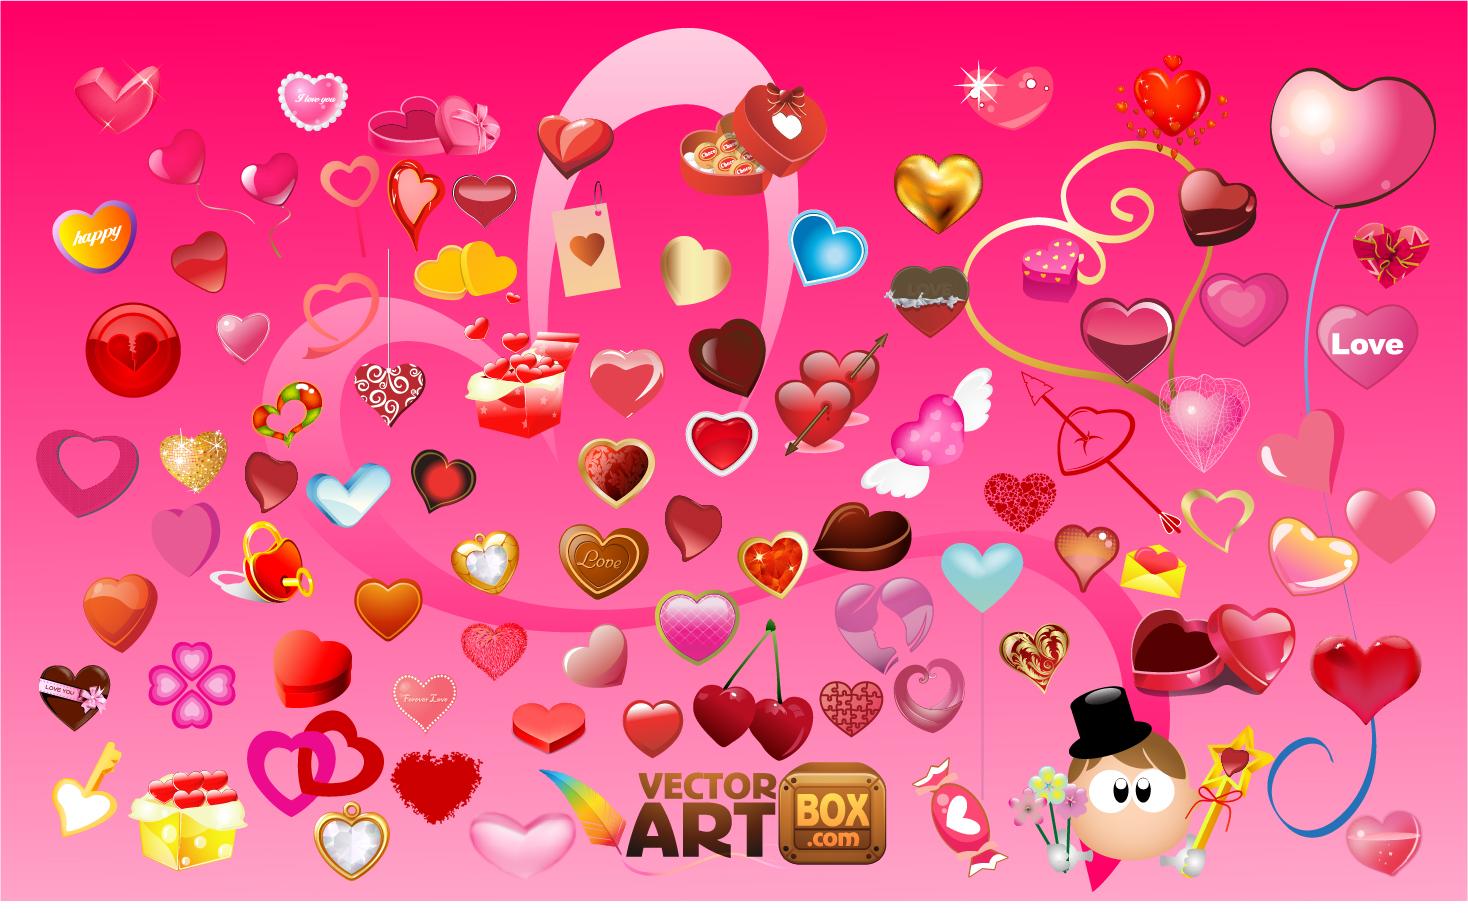 バレンタインデー ハートのクリップアート heart clip art valentine's day イラスト素材